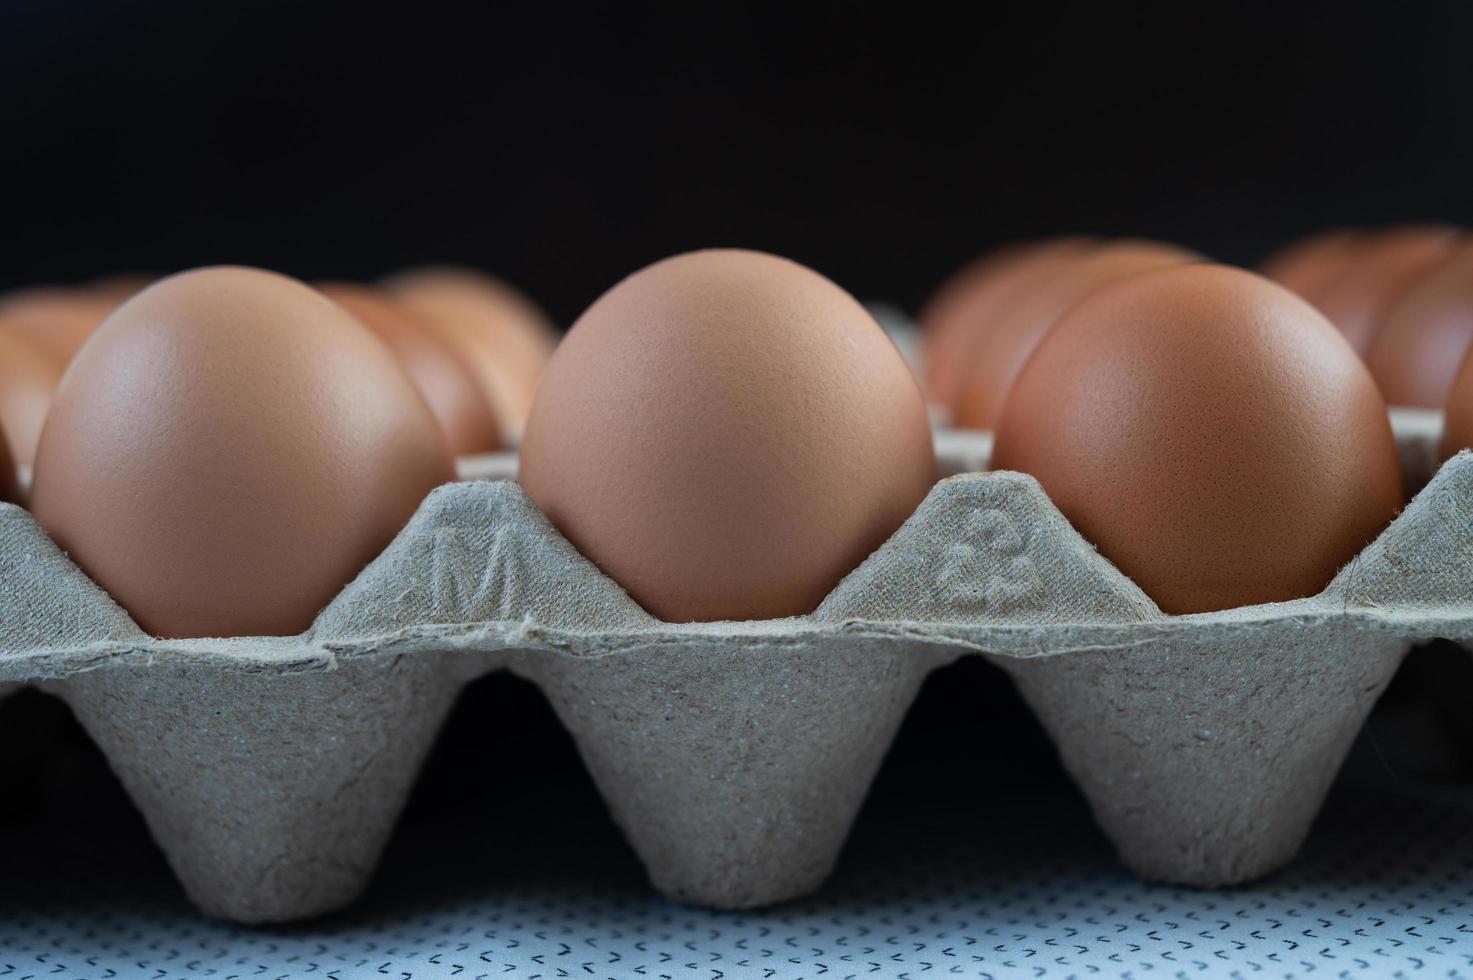 œufs de poule placés sur un plateau à œufs photo